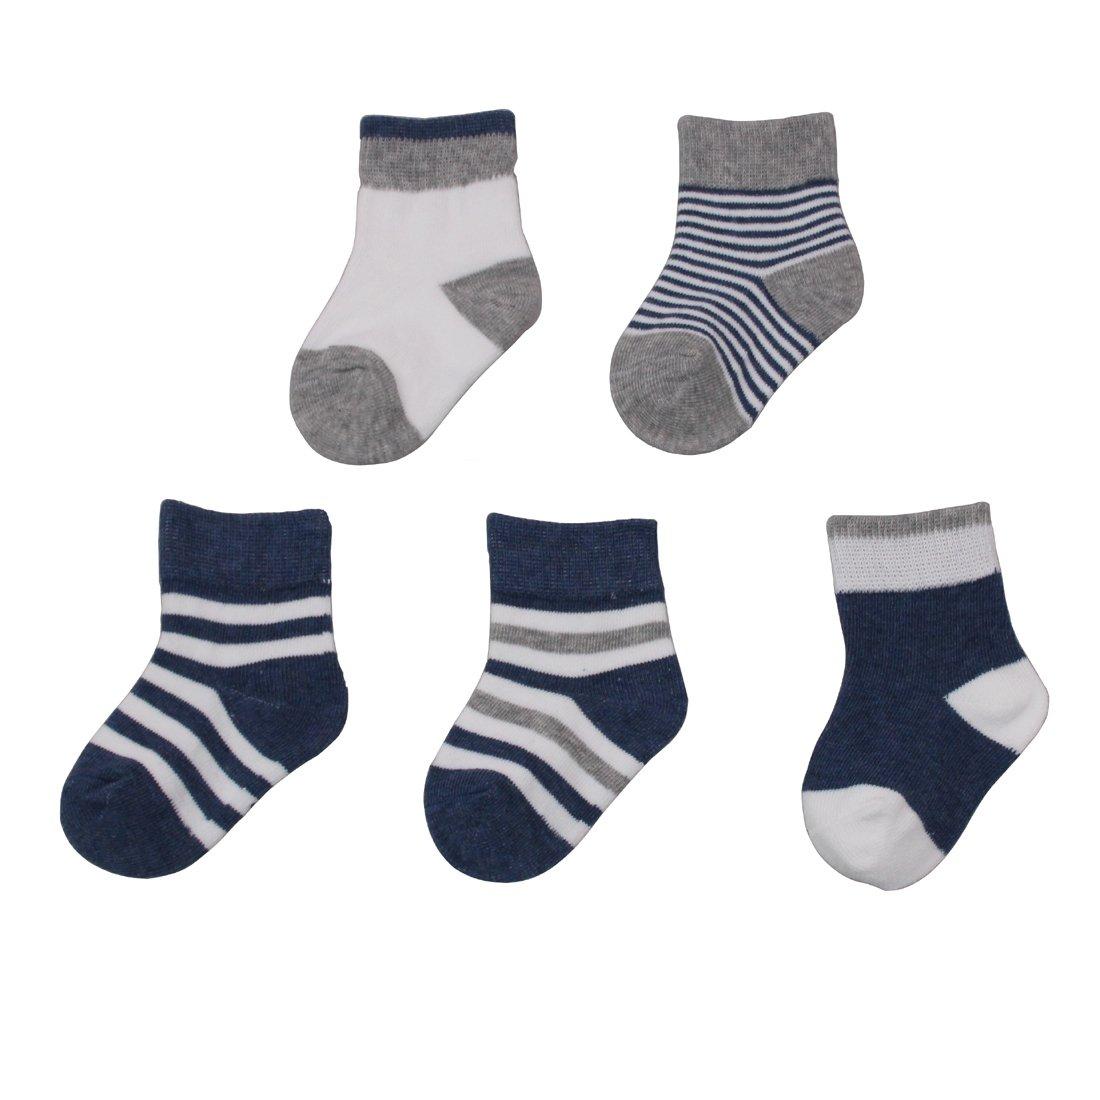 GUCHOL Baby Autumn Winter Warm Cotton Socks For Newborn Boys 5 Pairs 0 to 12 Months